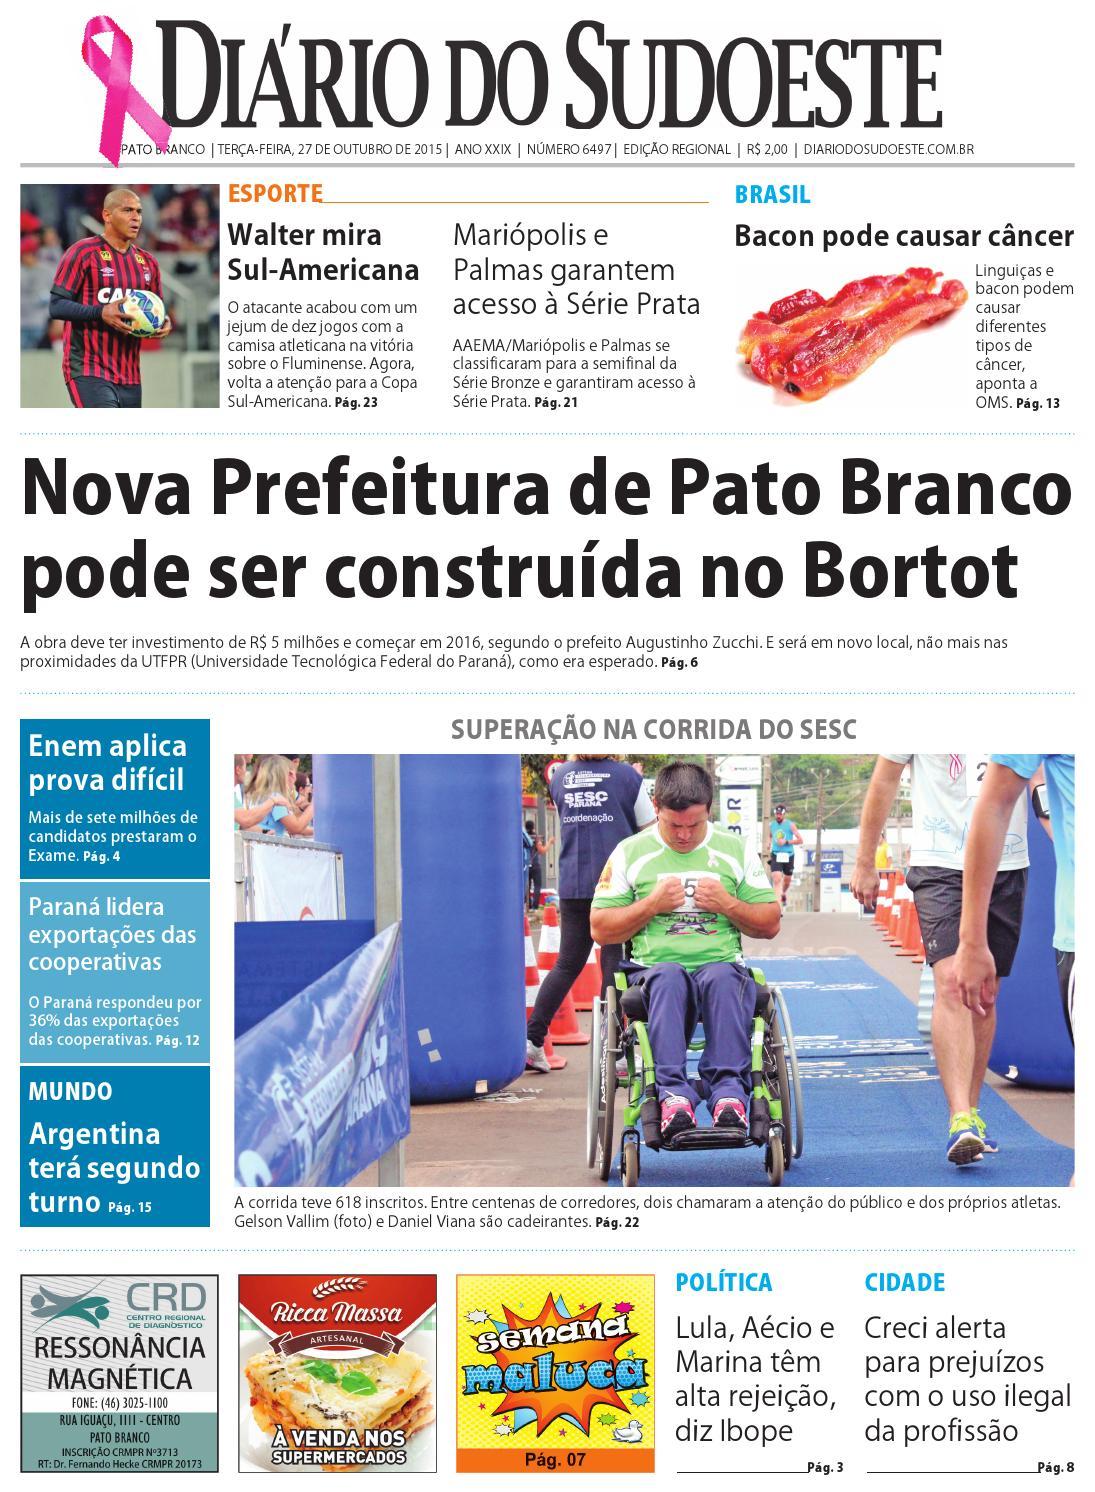 3e5c307d42c89 Diário do sudoeste 27 de outubro de 2015 ed 6497 by Diário do Sudoeste -  issuu